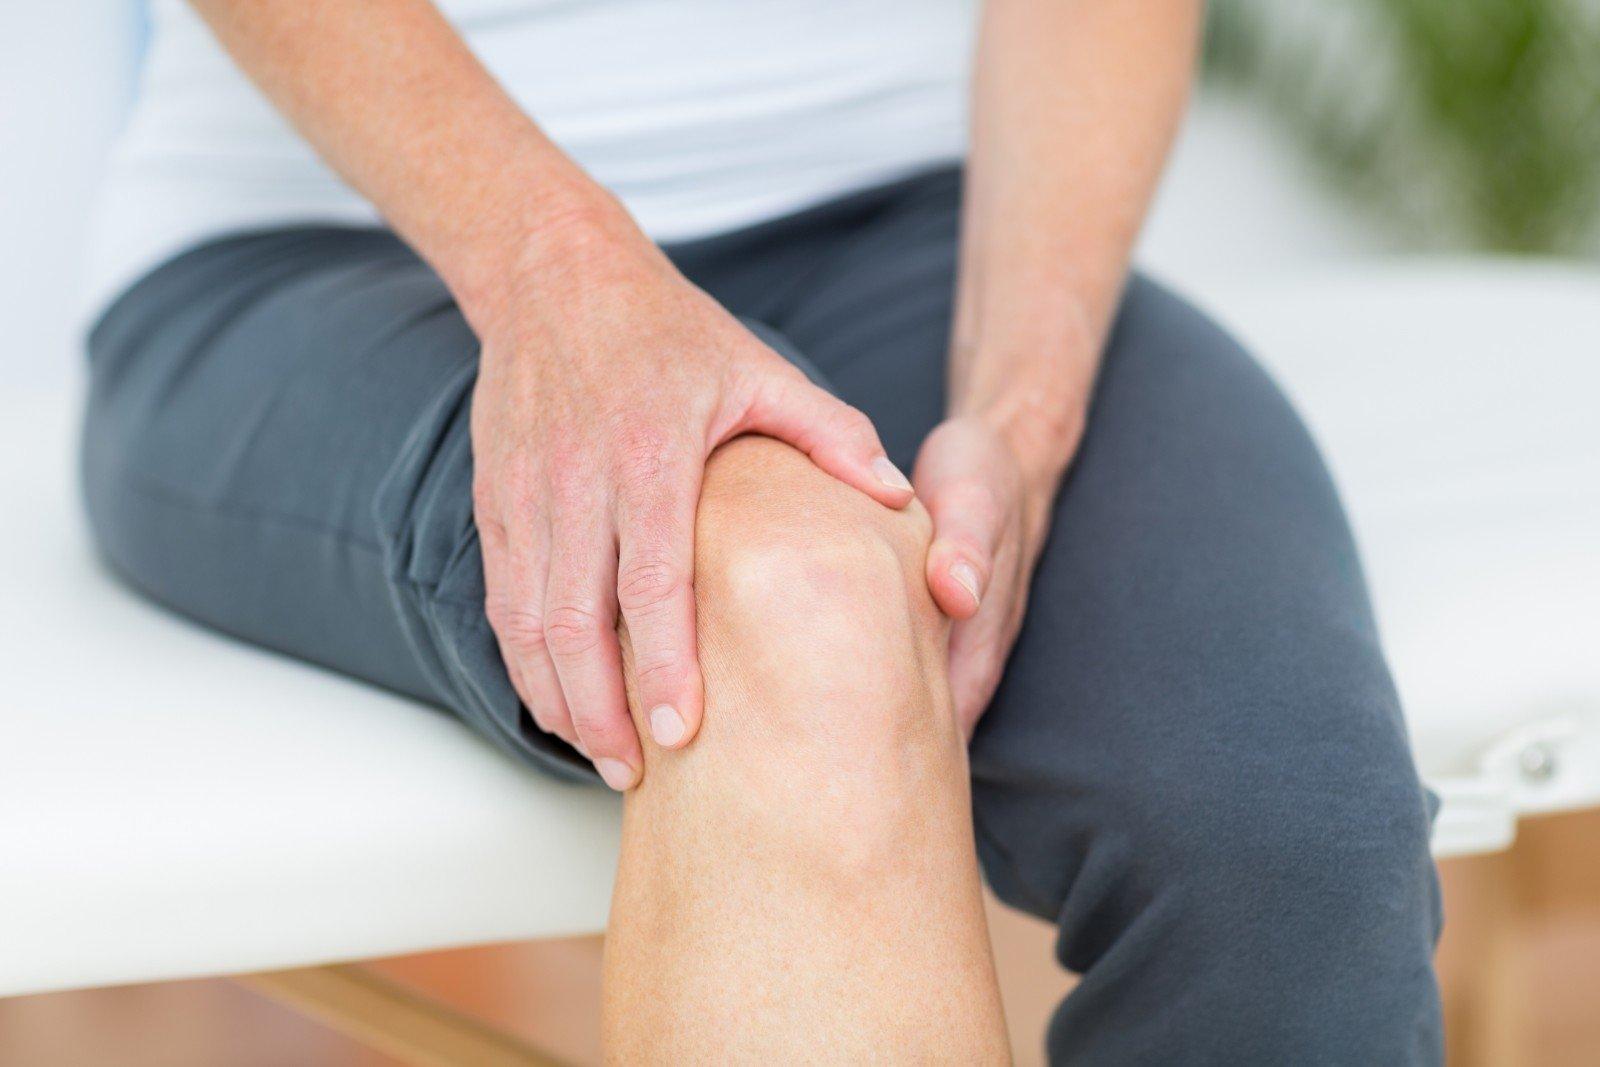 skausmas nuo gydymo priežastis sąnarių tepalas nuo peties sąnario išnirimas